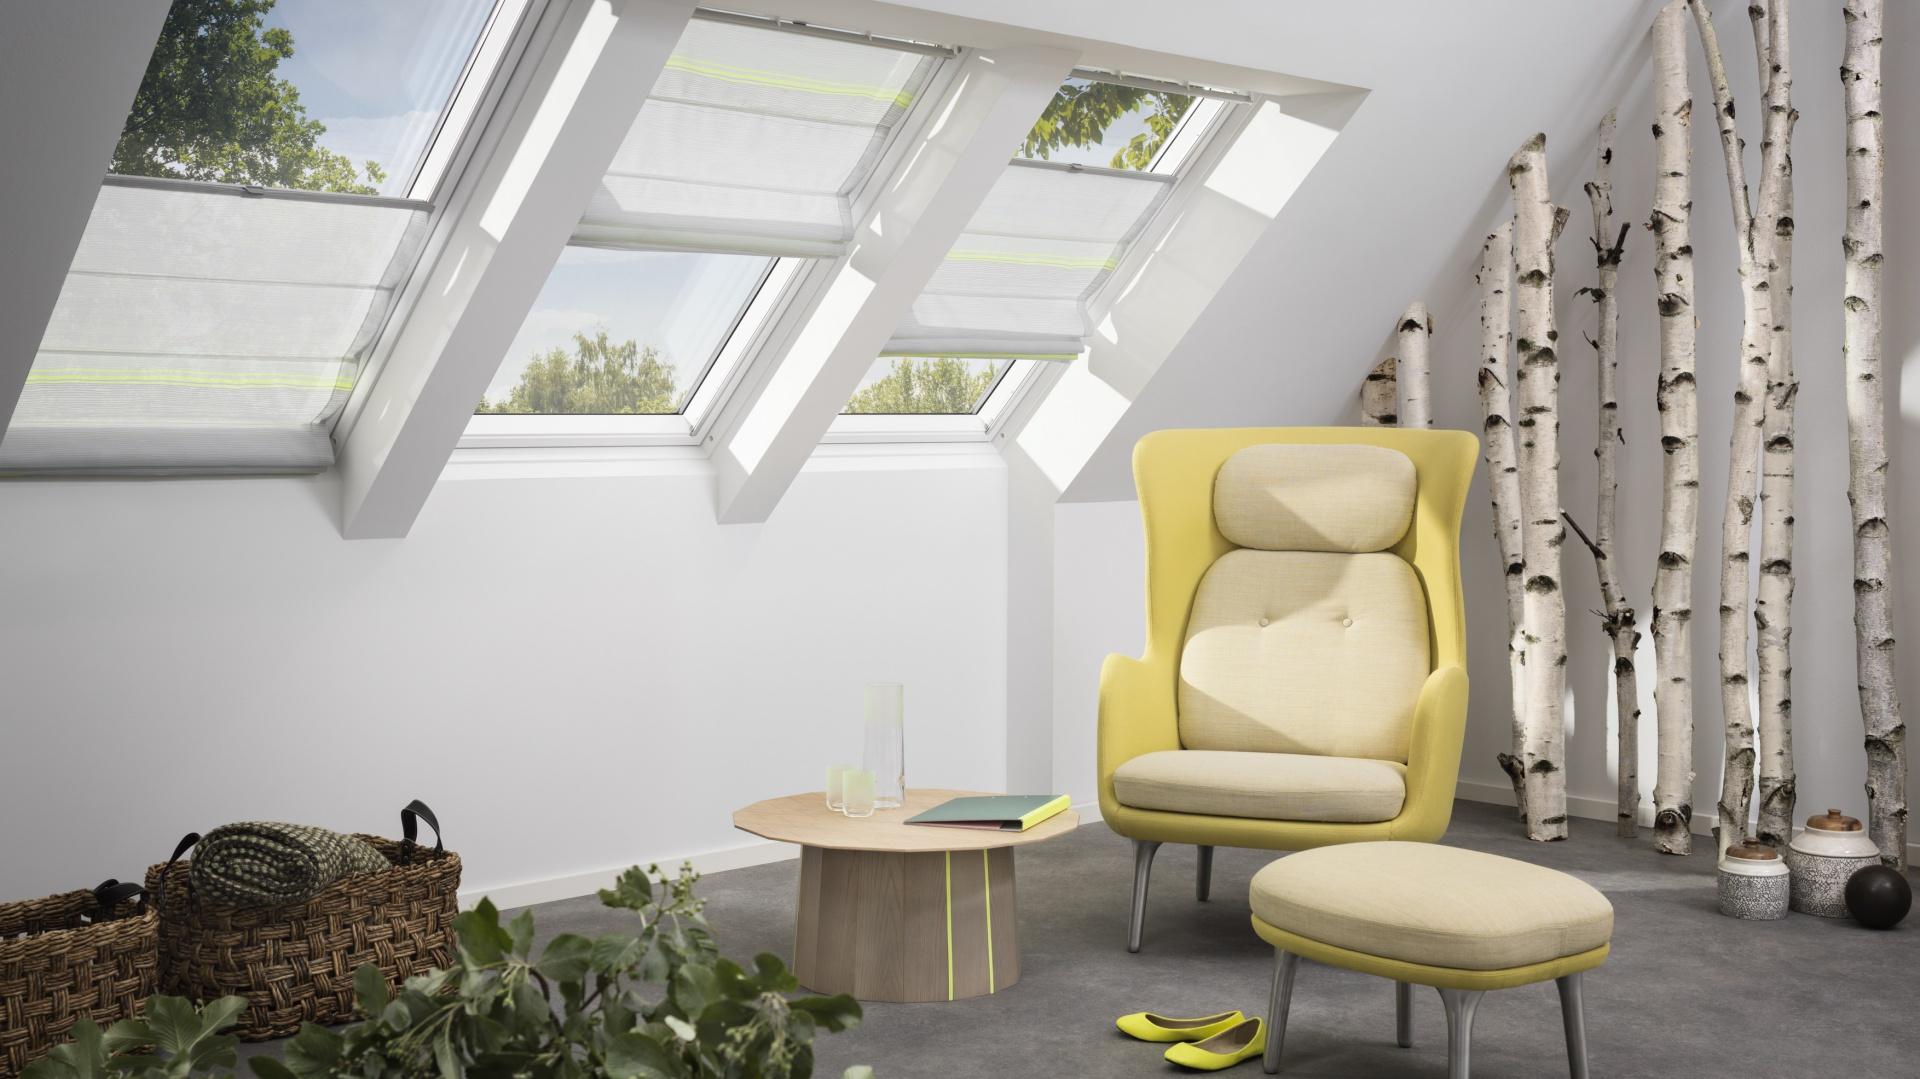 Dzięki płynnej i elastycznej obsłudze roletę rzymską VELUX FHB możemy ustawić w dowolnej pozycji na oknie dachowym. Możliwość szybkiej wymiany materiału oraz samodzielnego montażu z systemem Pick&Click™. Od 410 zł. Fot. Velux